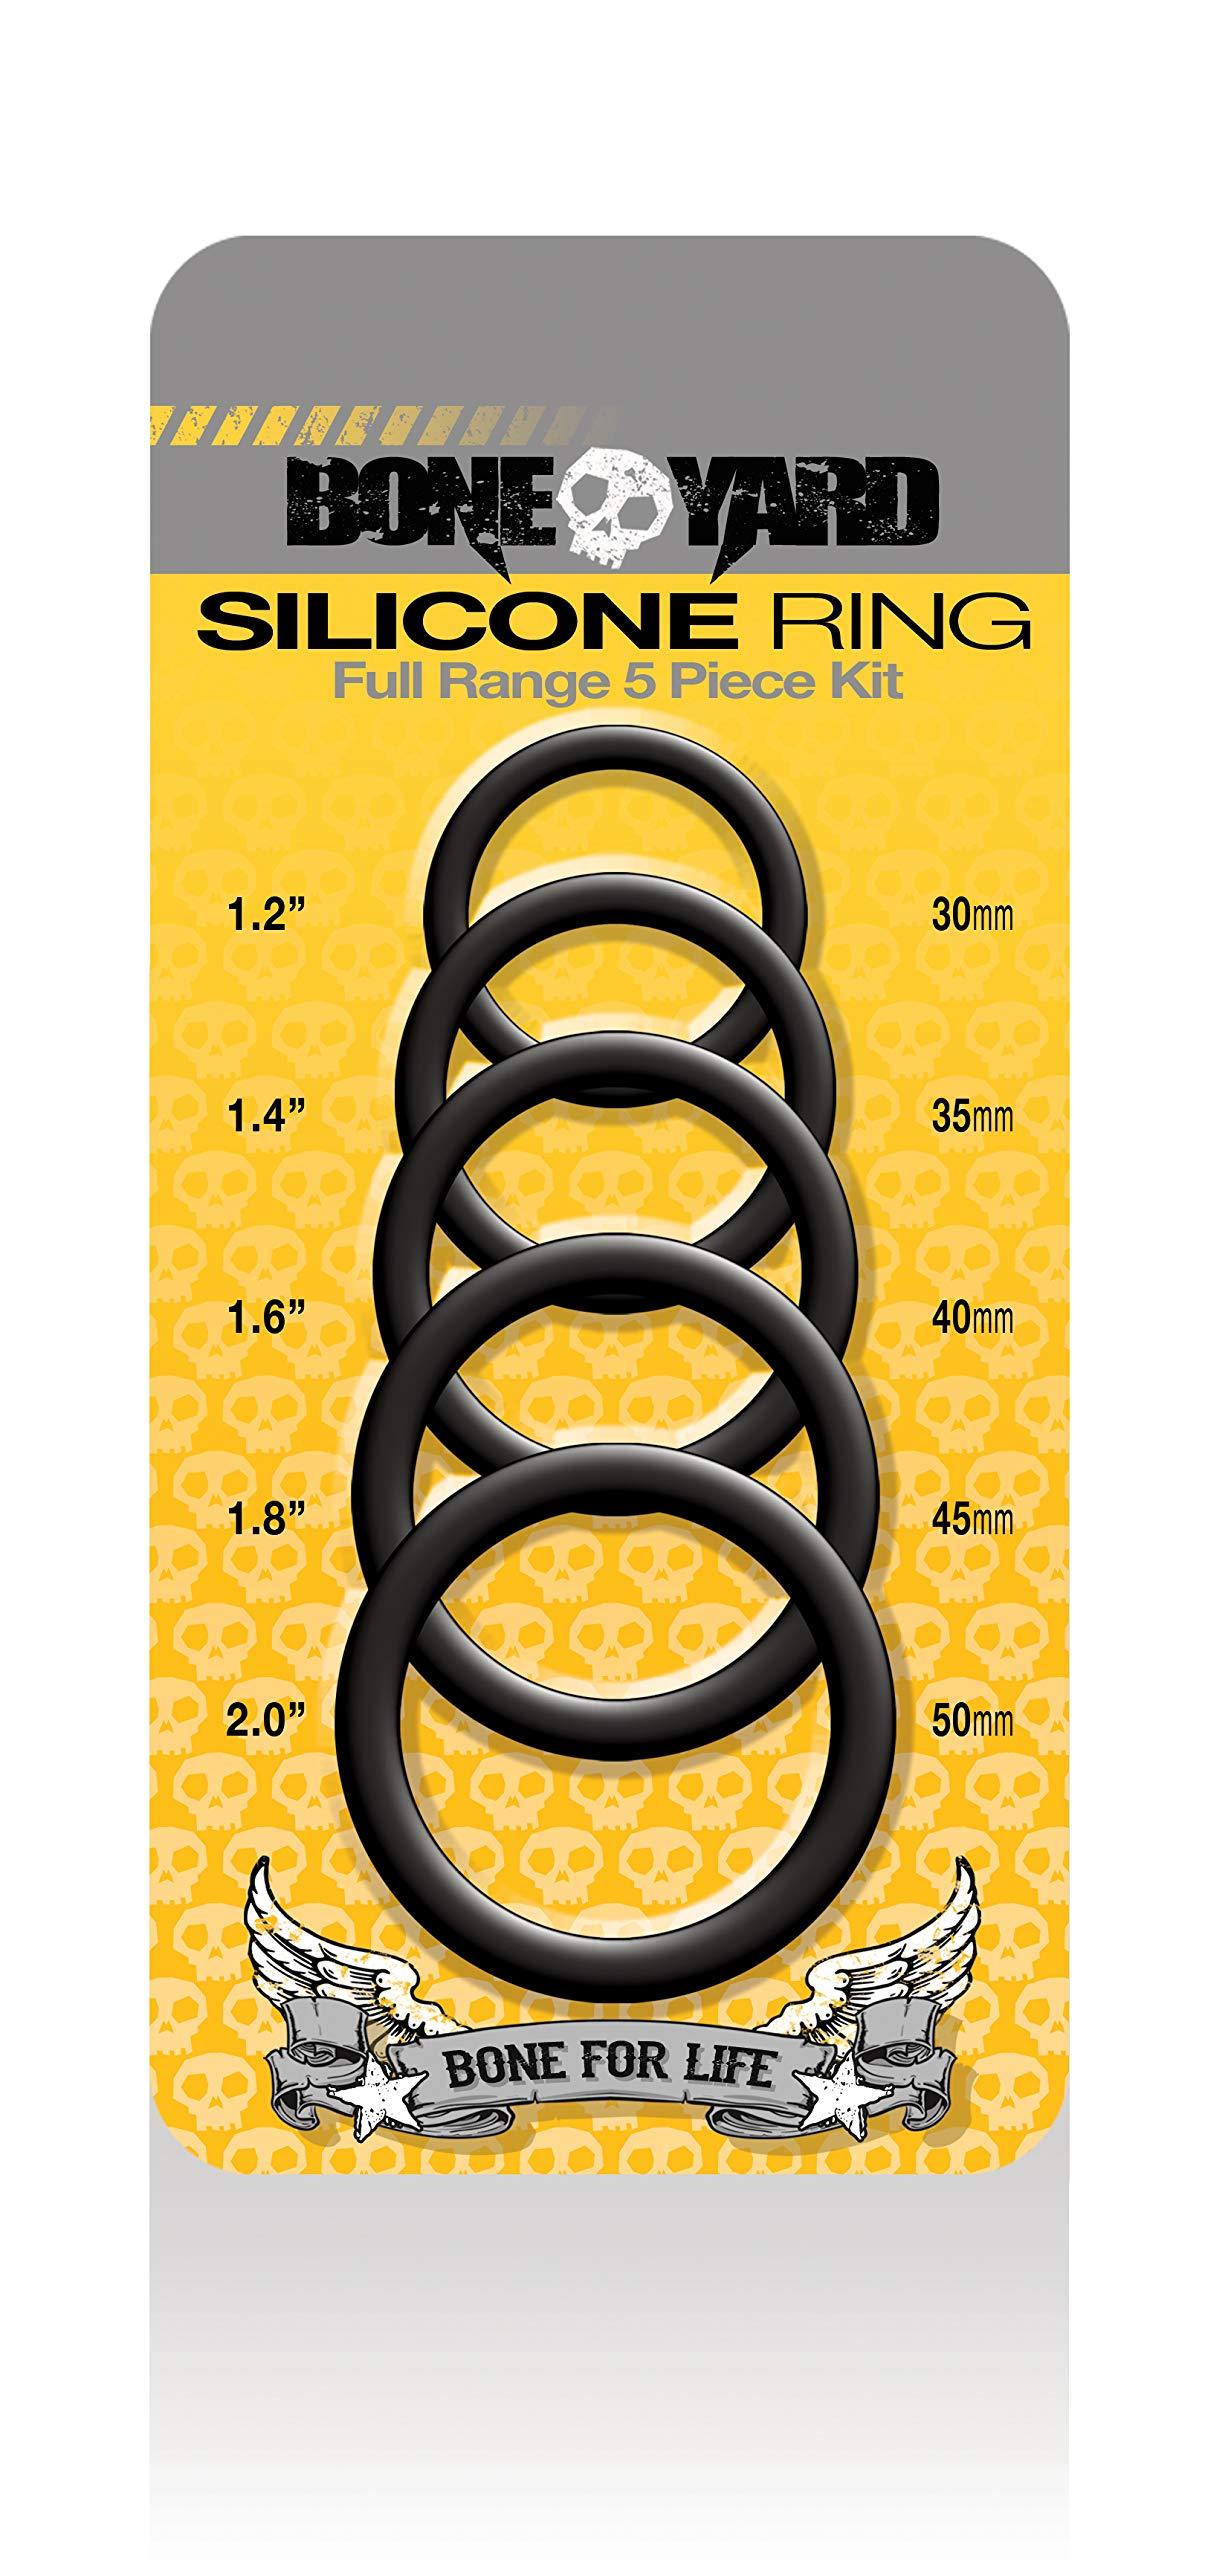 RASCAL Boneyard Silicone Ring 5 Piece Kit, Black, 0.2 Pound